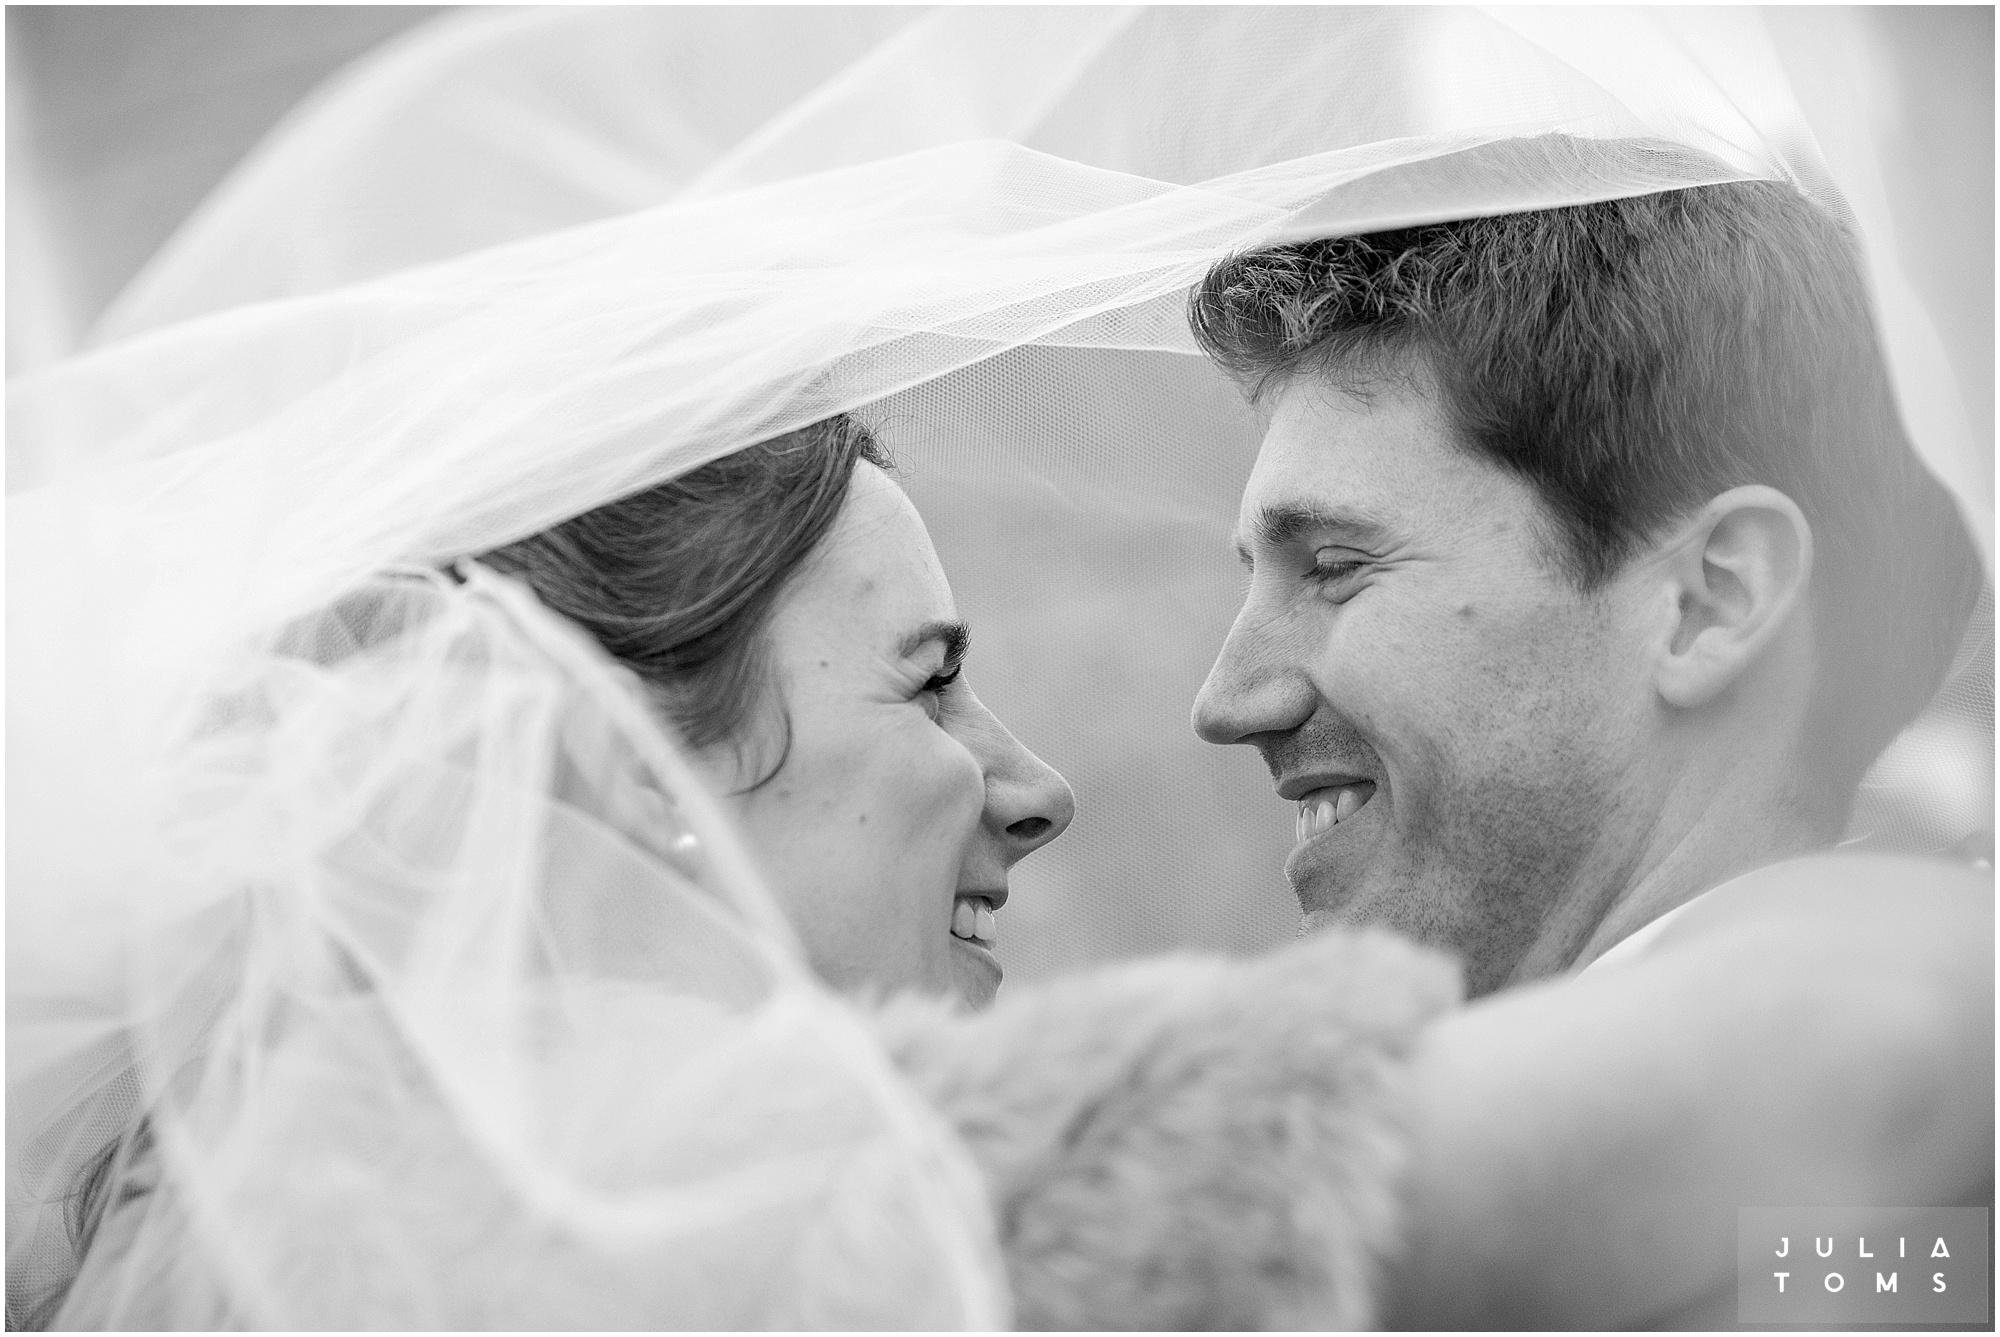 juliatoms_christian_wedding_photogtapher_midhurst_016.jpg